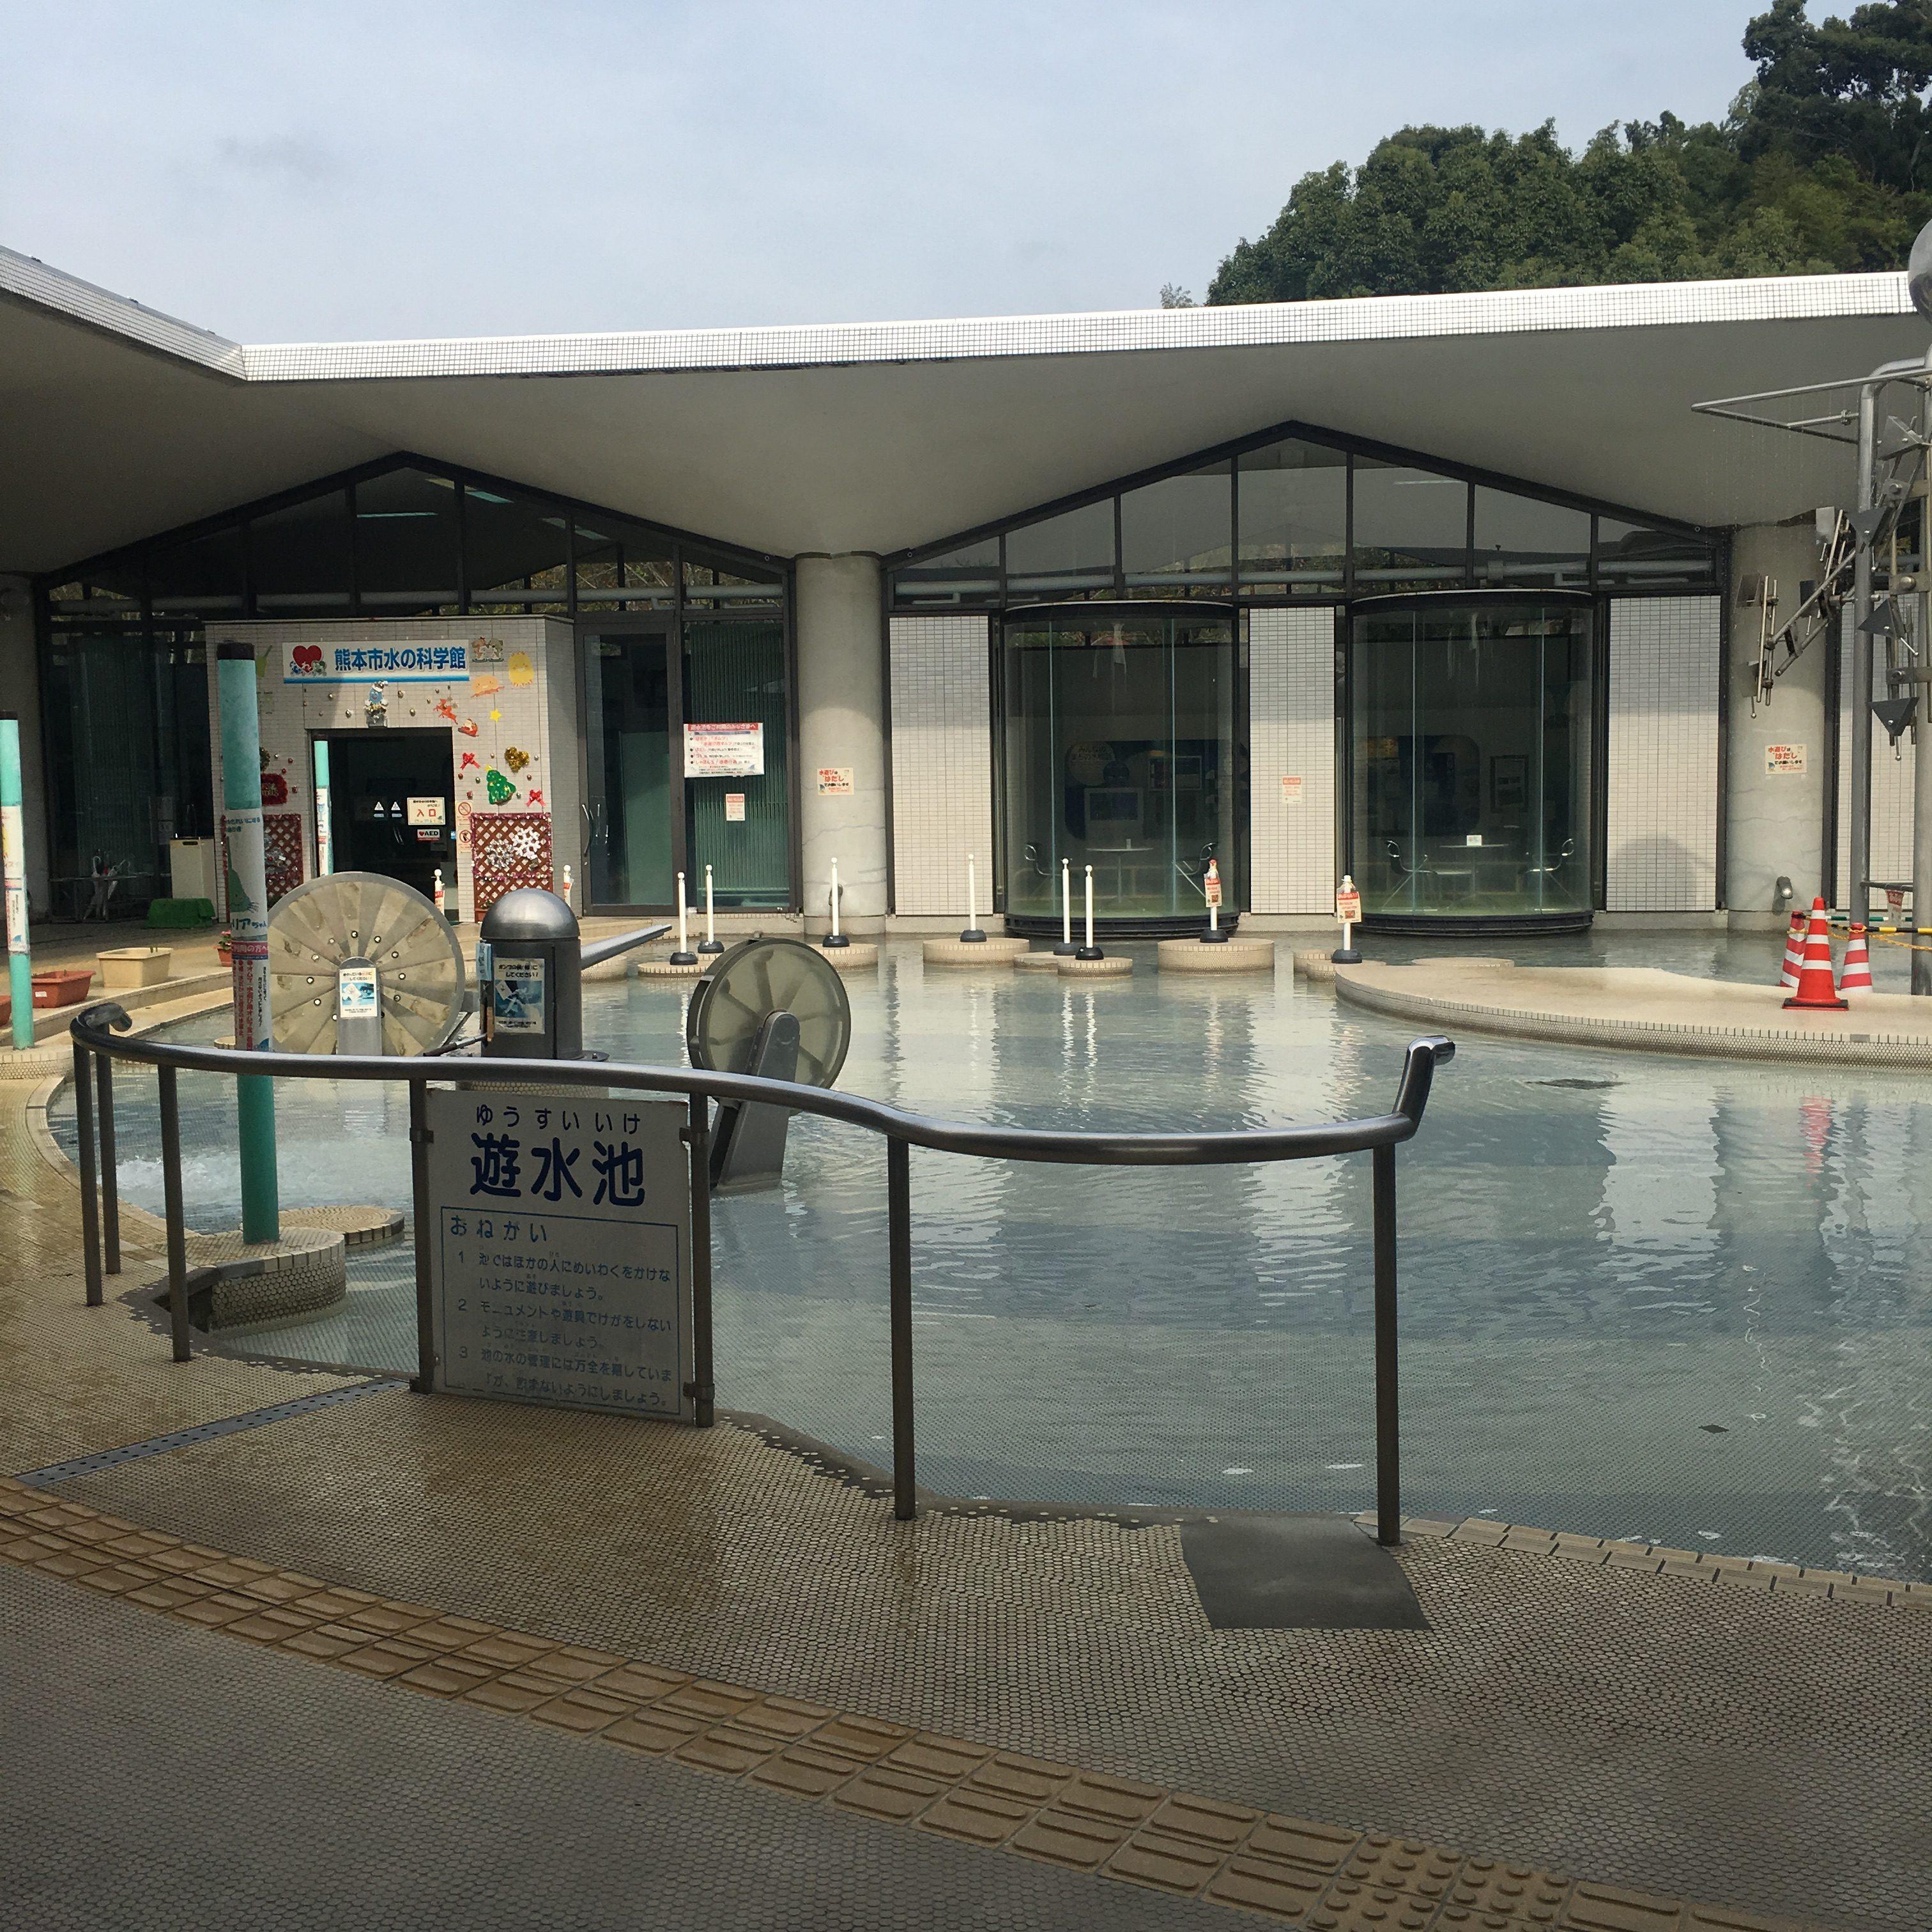 【水の科学館】熊本!子どもの水遊び&公園&雨の日の暇つぶしにも最適